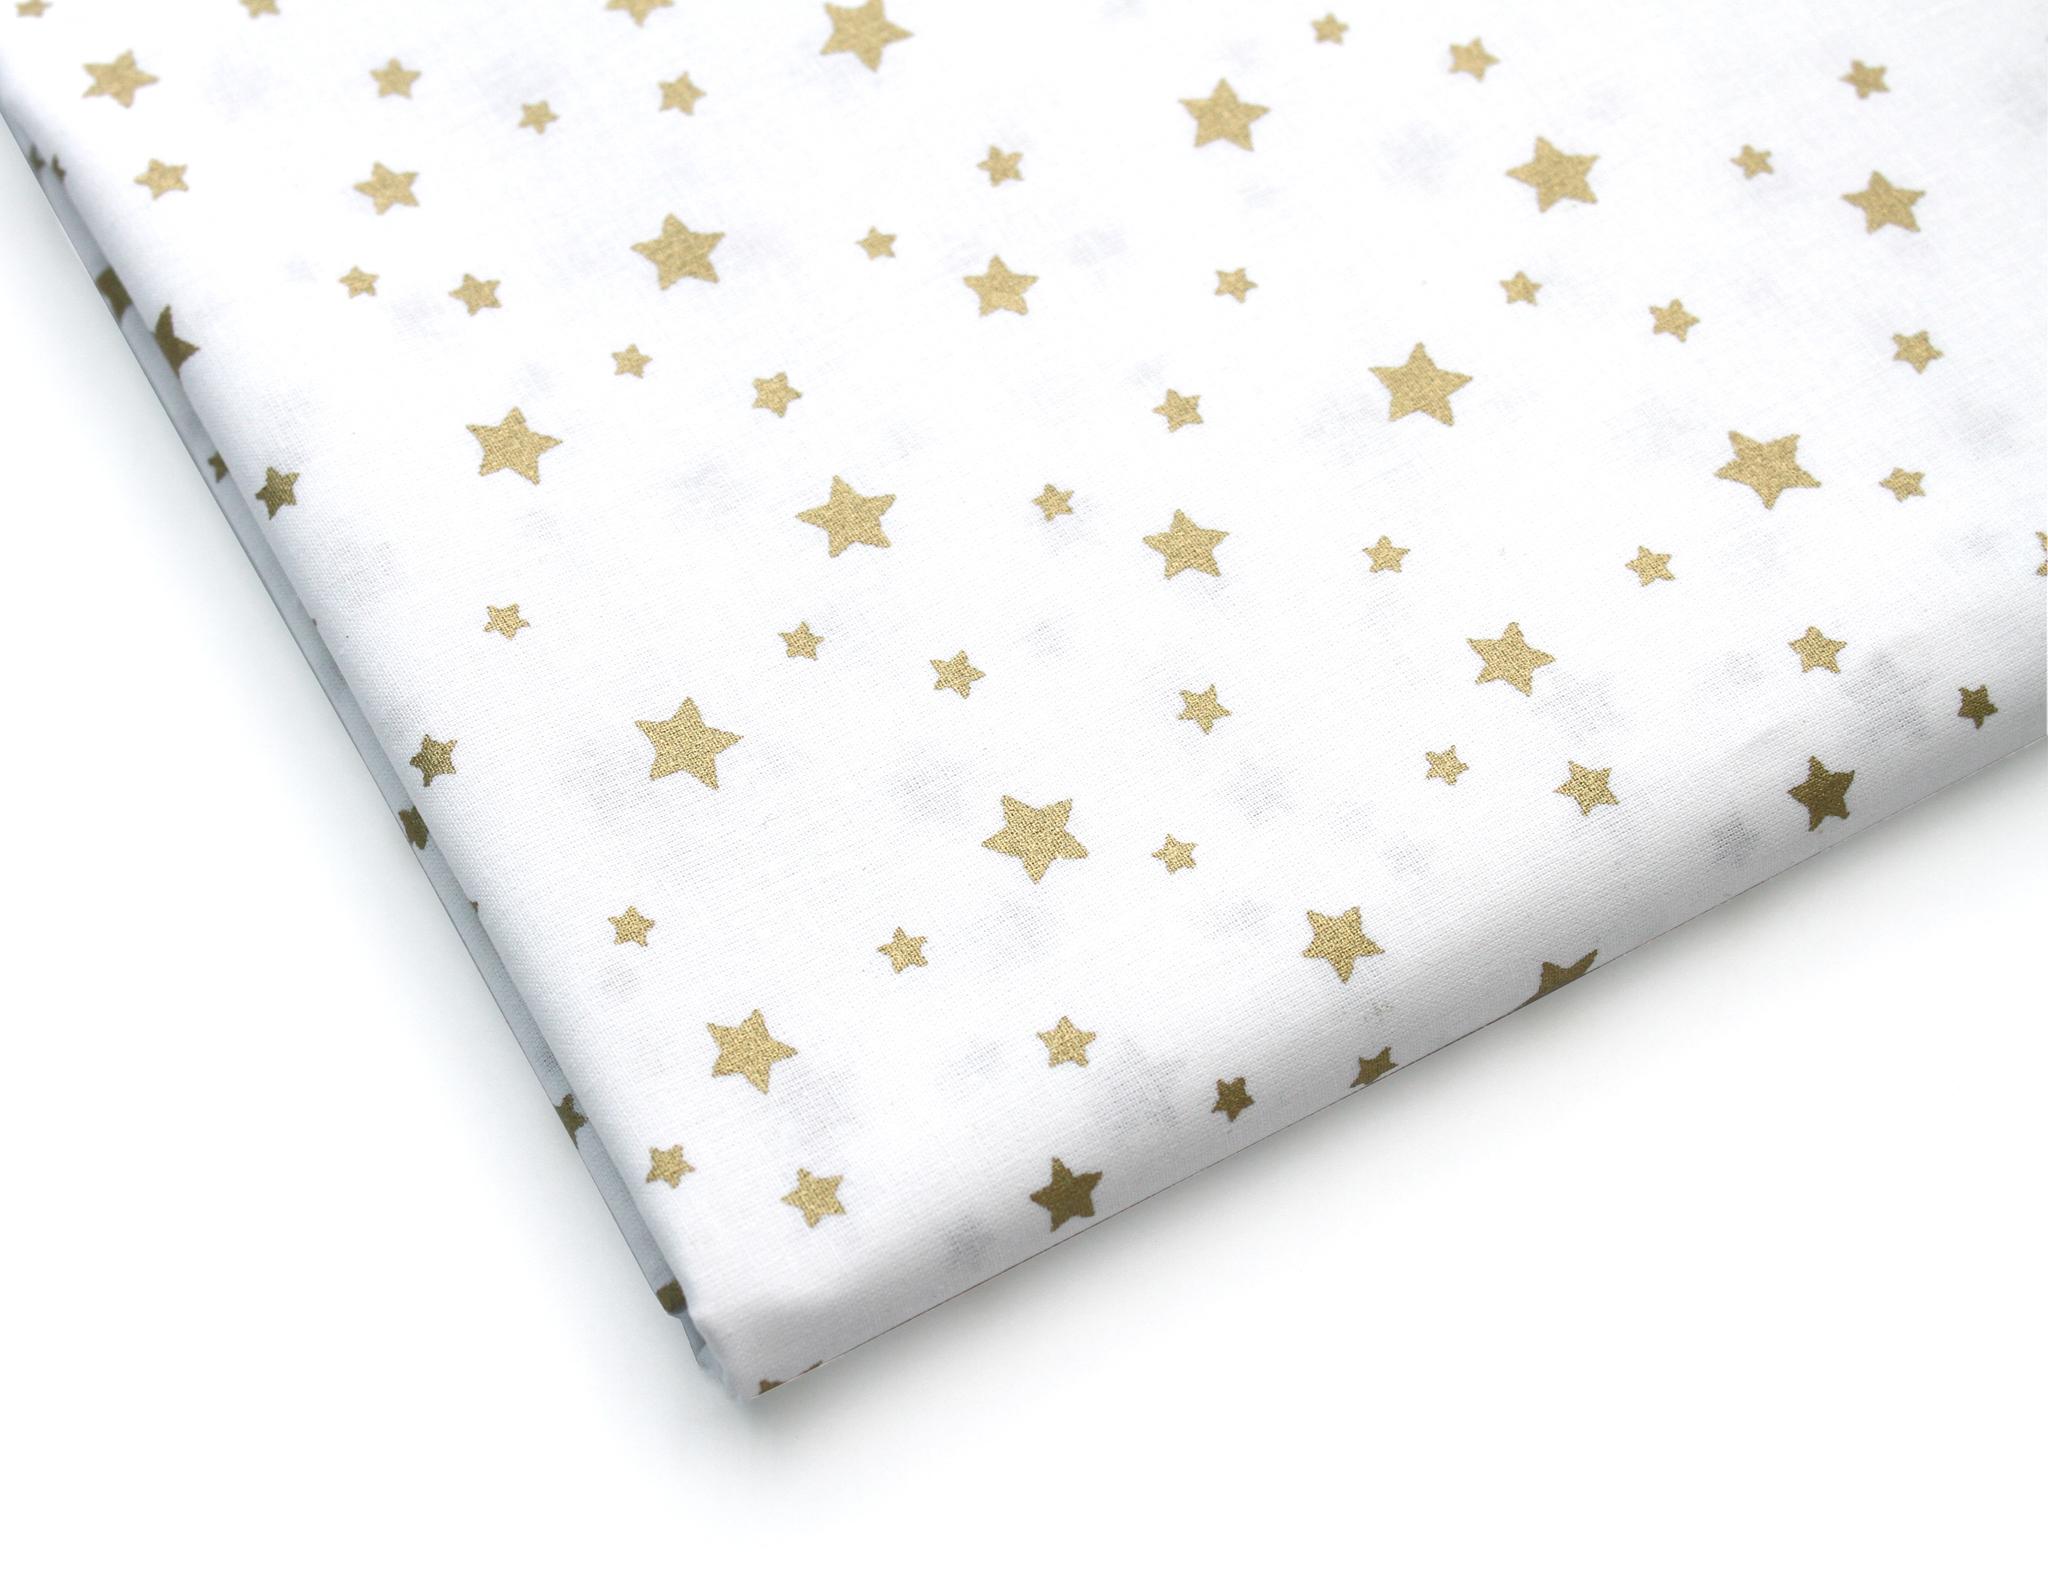 Звезды россыпь золото на белом,240 см